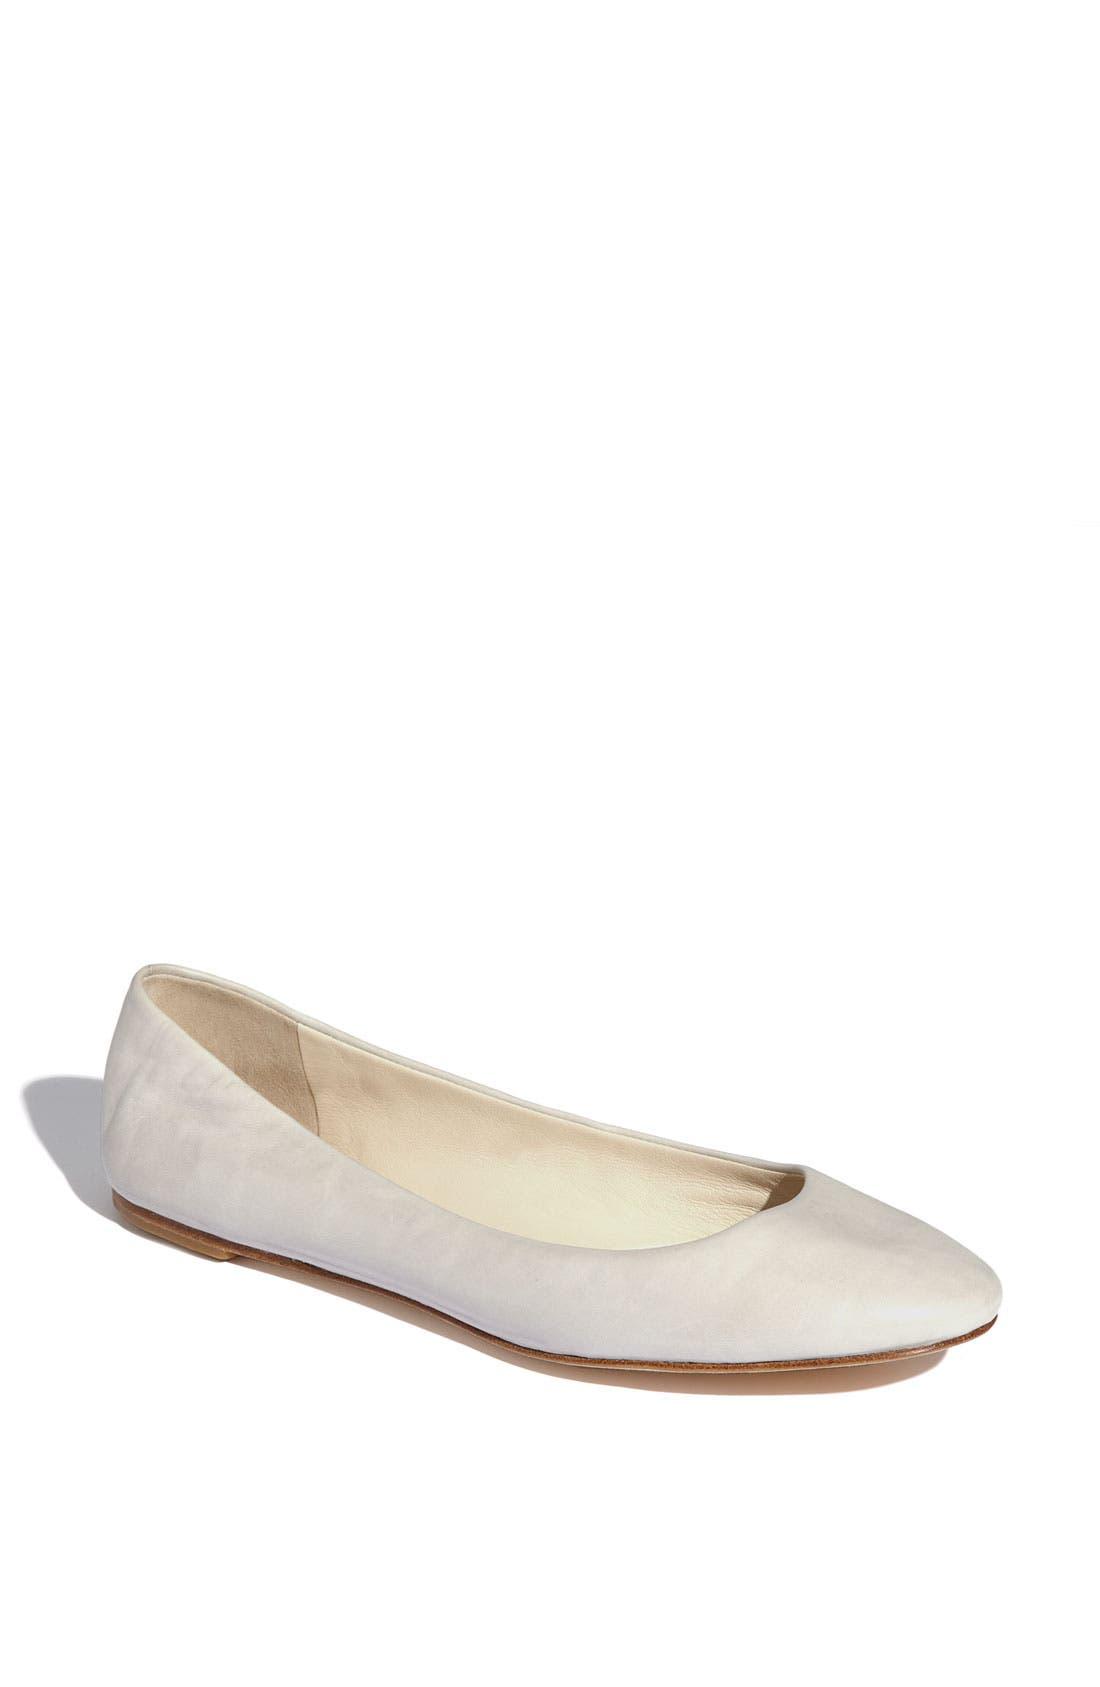 Alternate Image 1 Selected - Vera Wang Footwear 'Lara' Flat